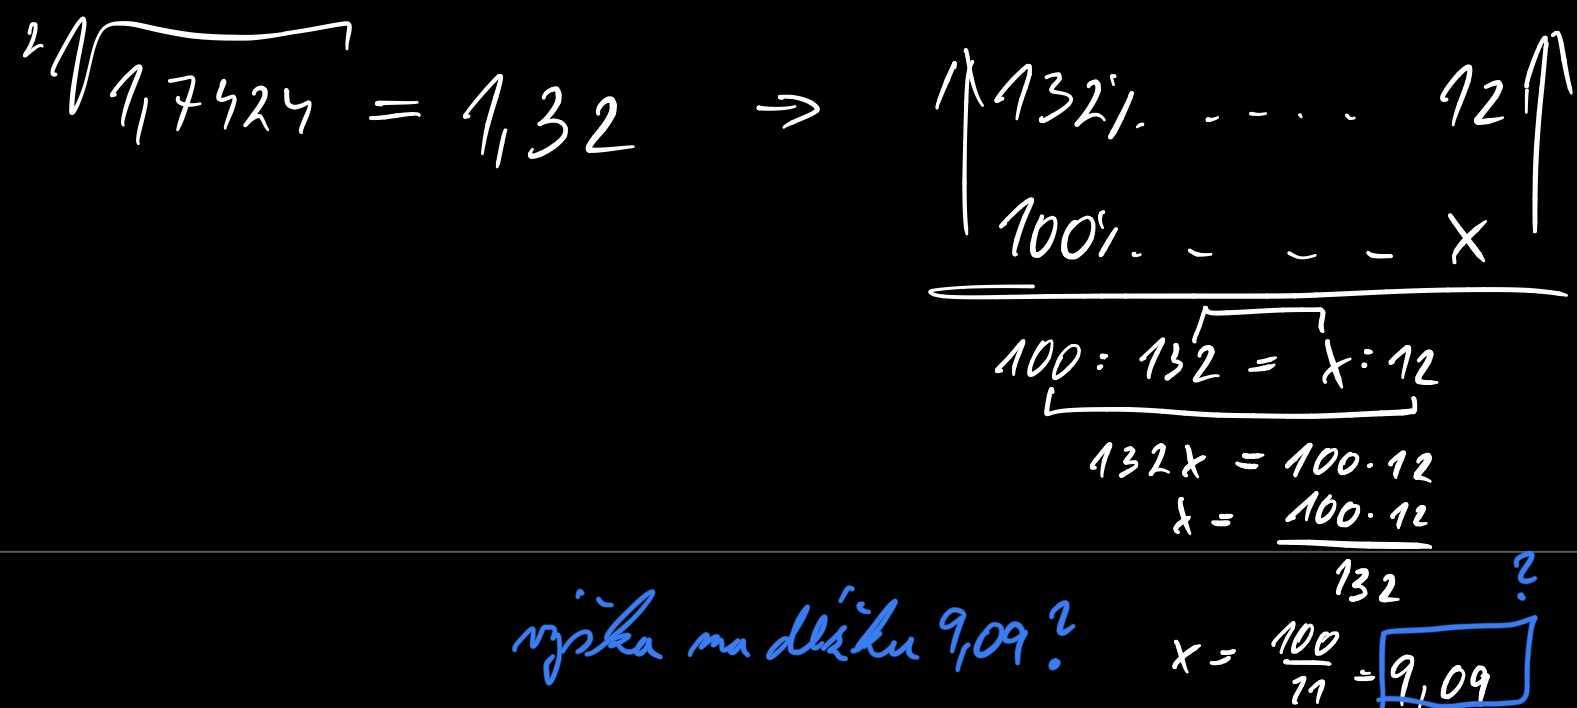 http://forum.matematika.cz/upload3/img/2019-02/80738_676249A3-162F-46FA-802B-175D98F22E72.jpeg